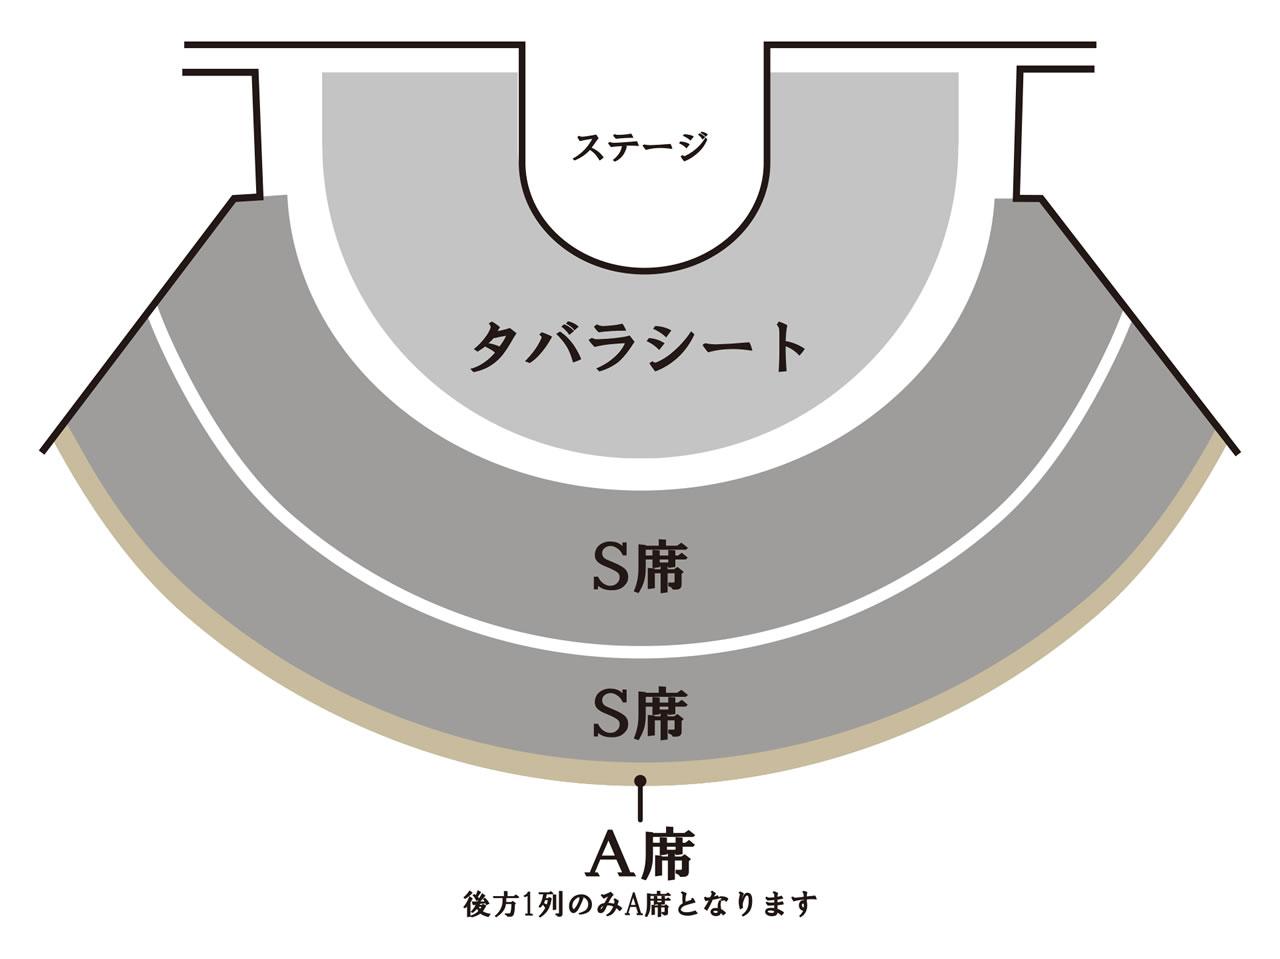 舞浜 アンフィ シアター 座席 表